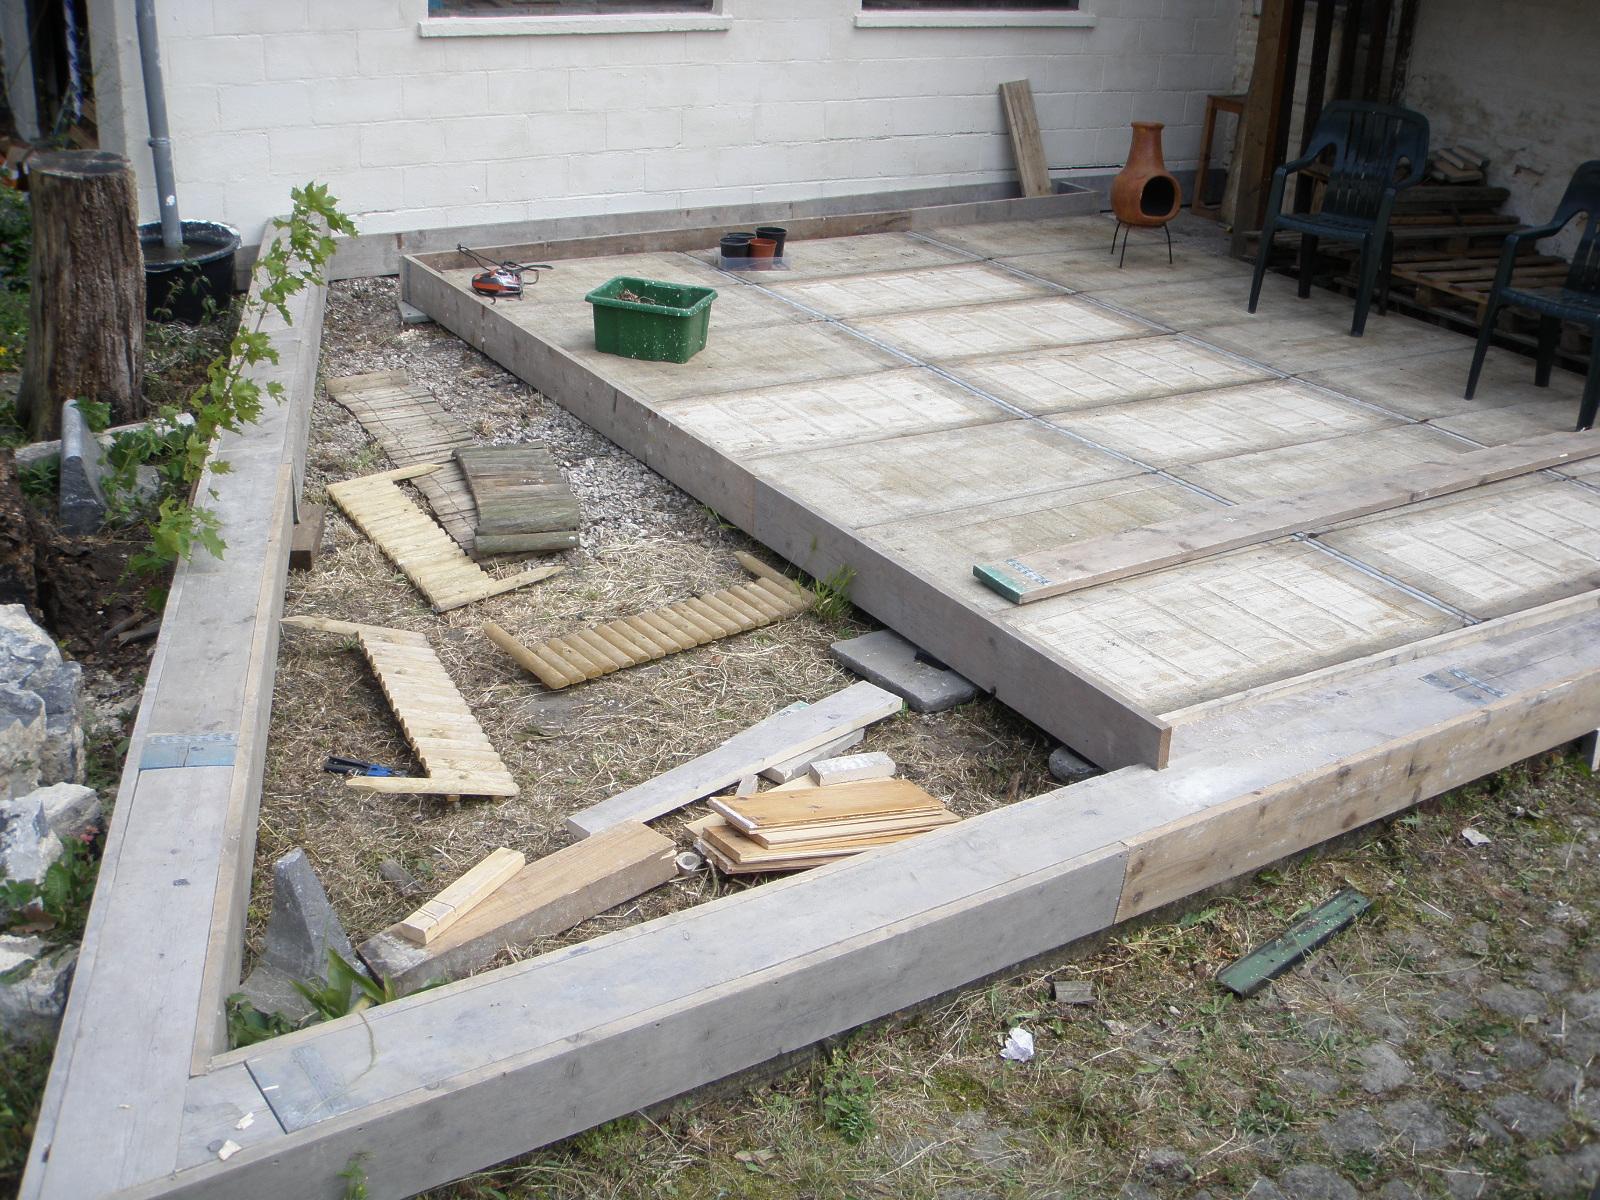 Terrasse en bois de récupération